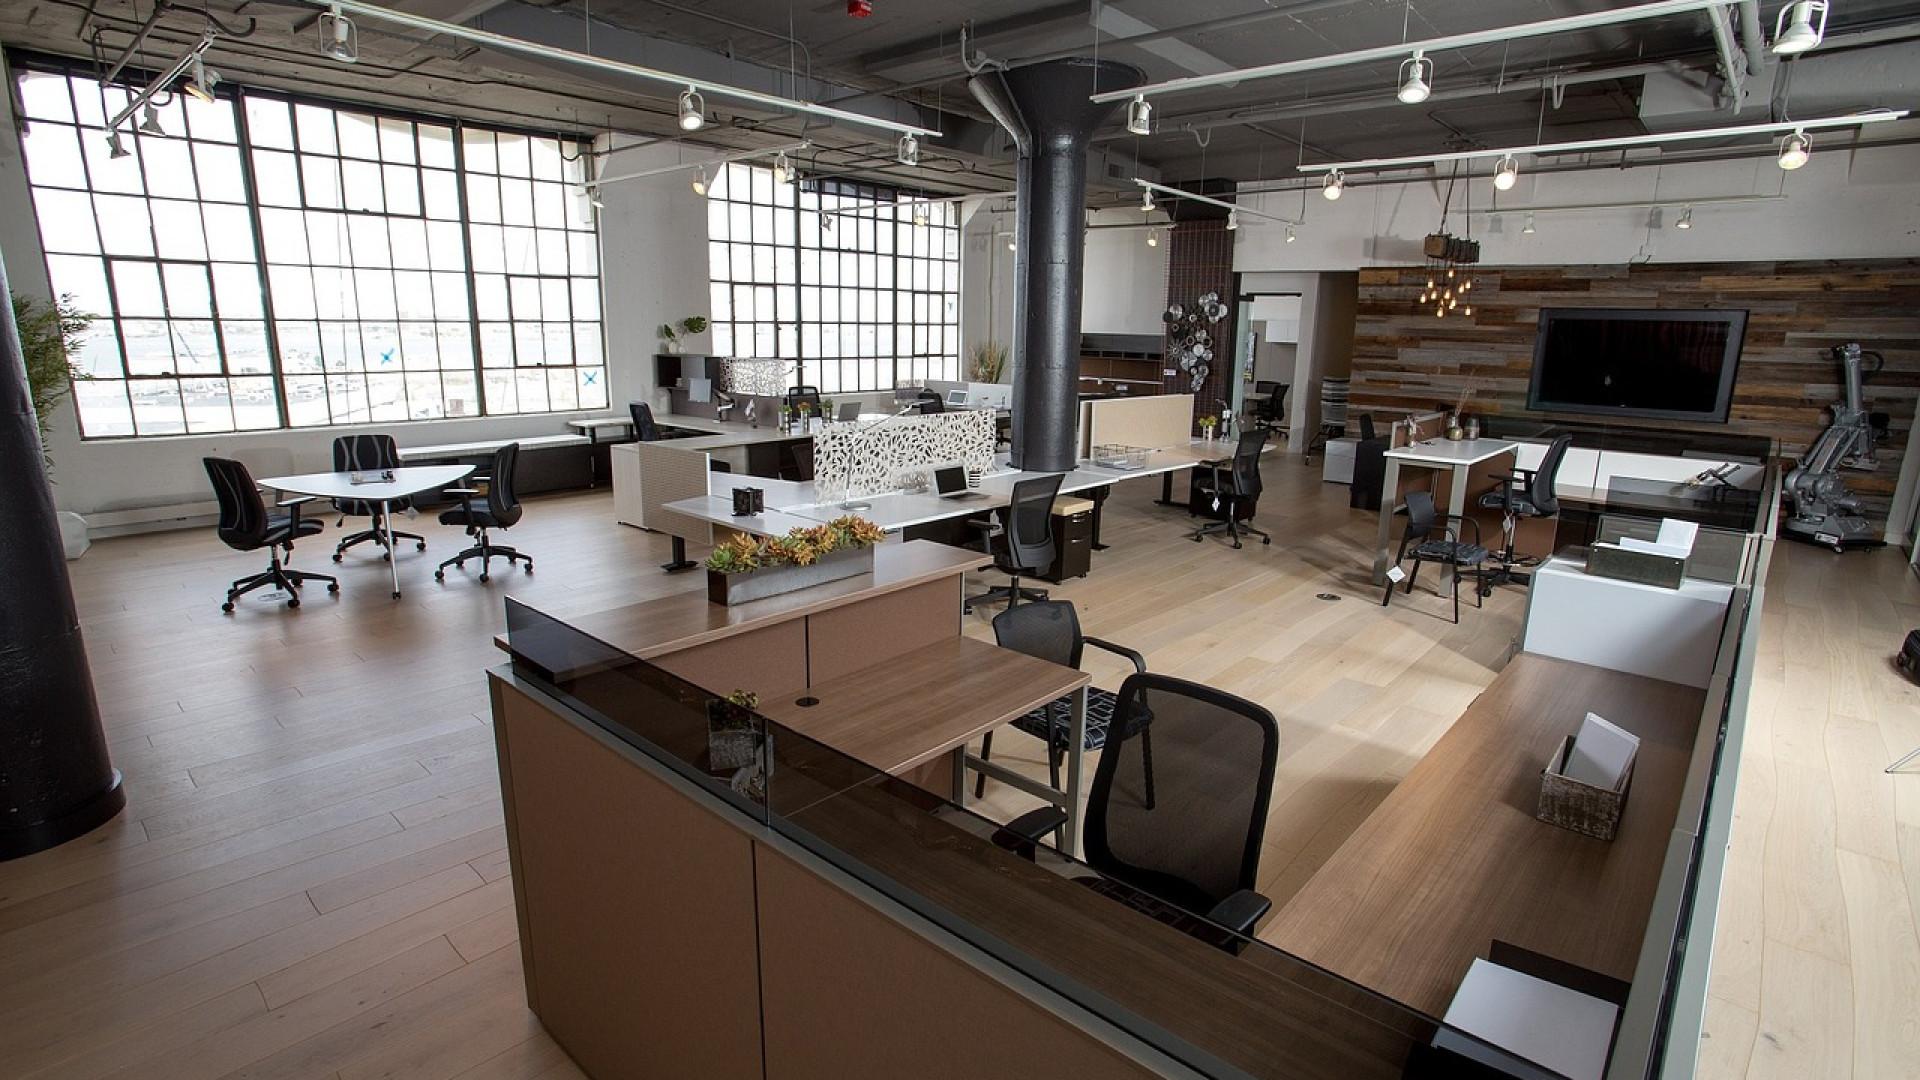 image Comment choisir son mobilier urbain ?